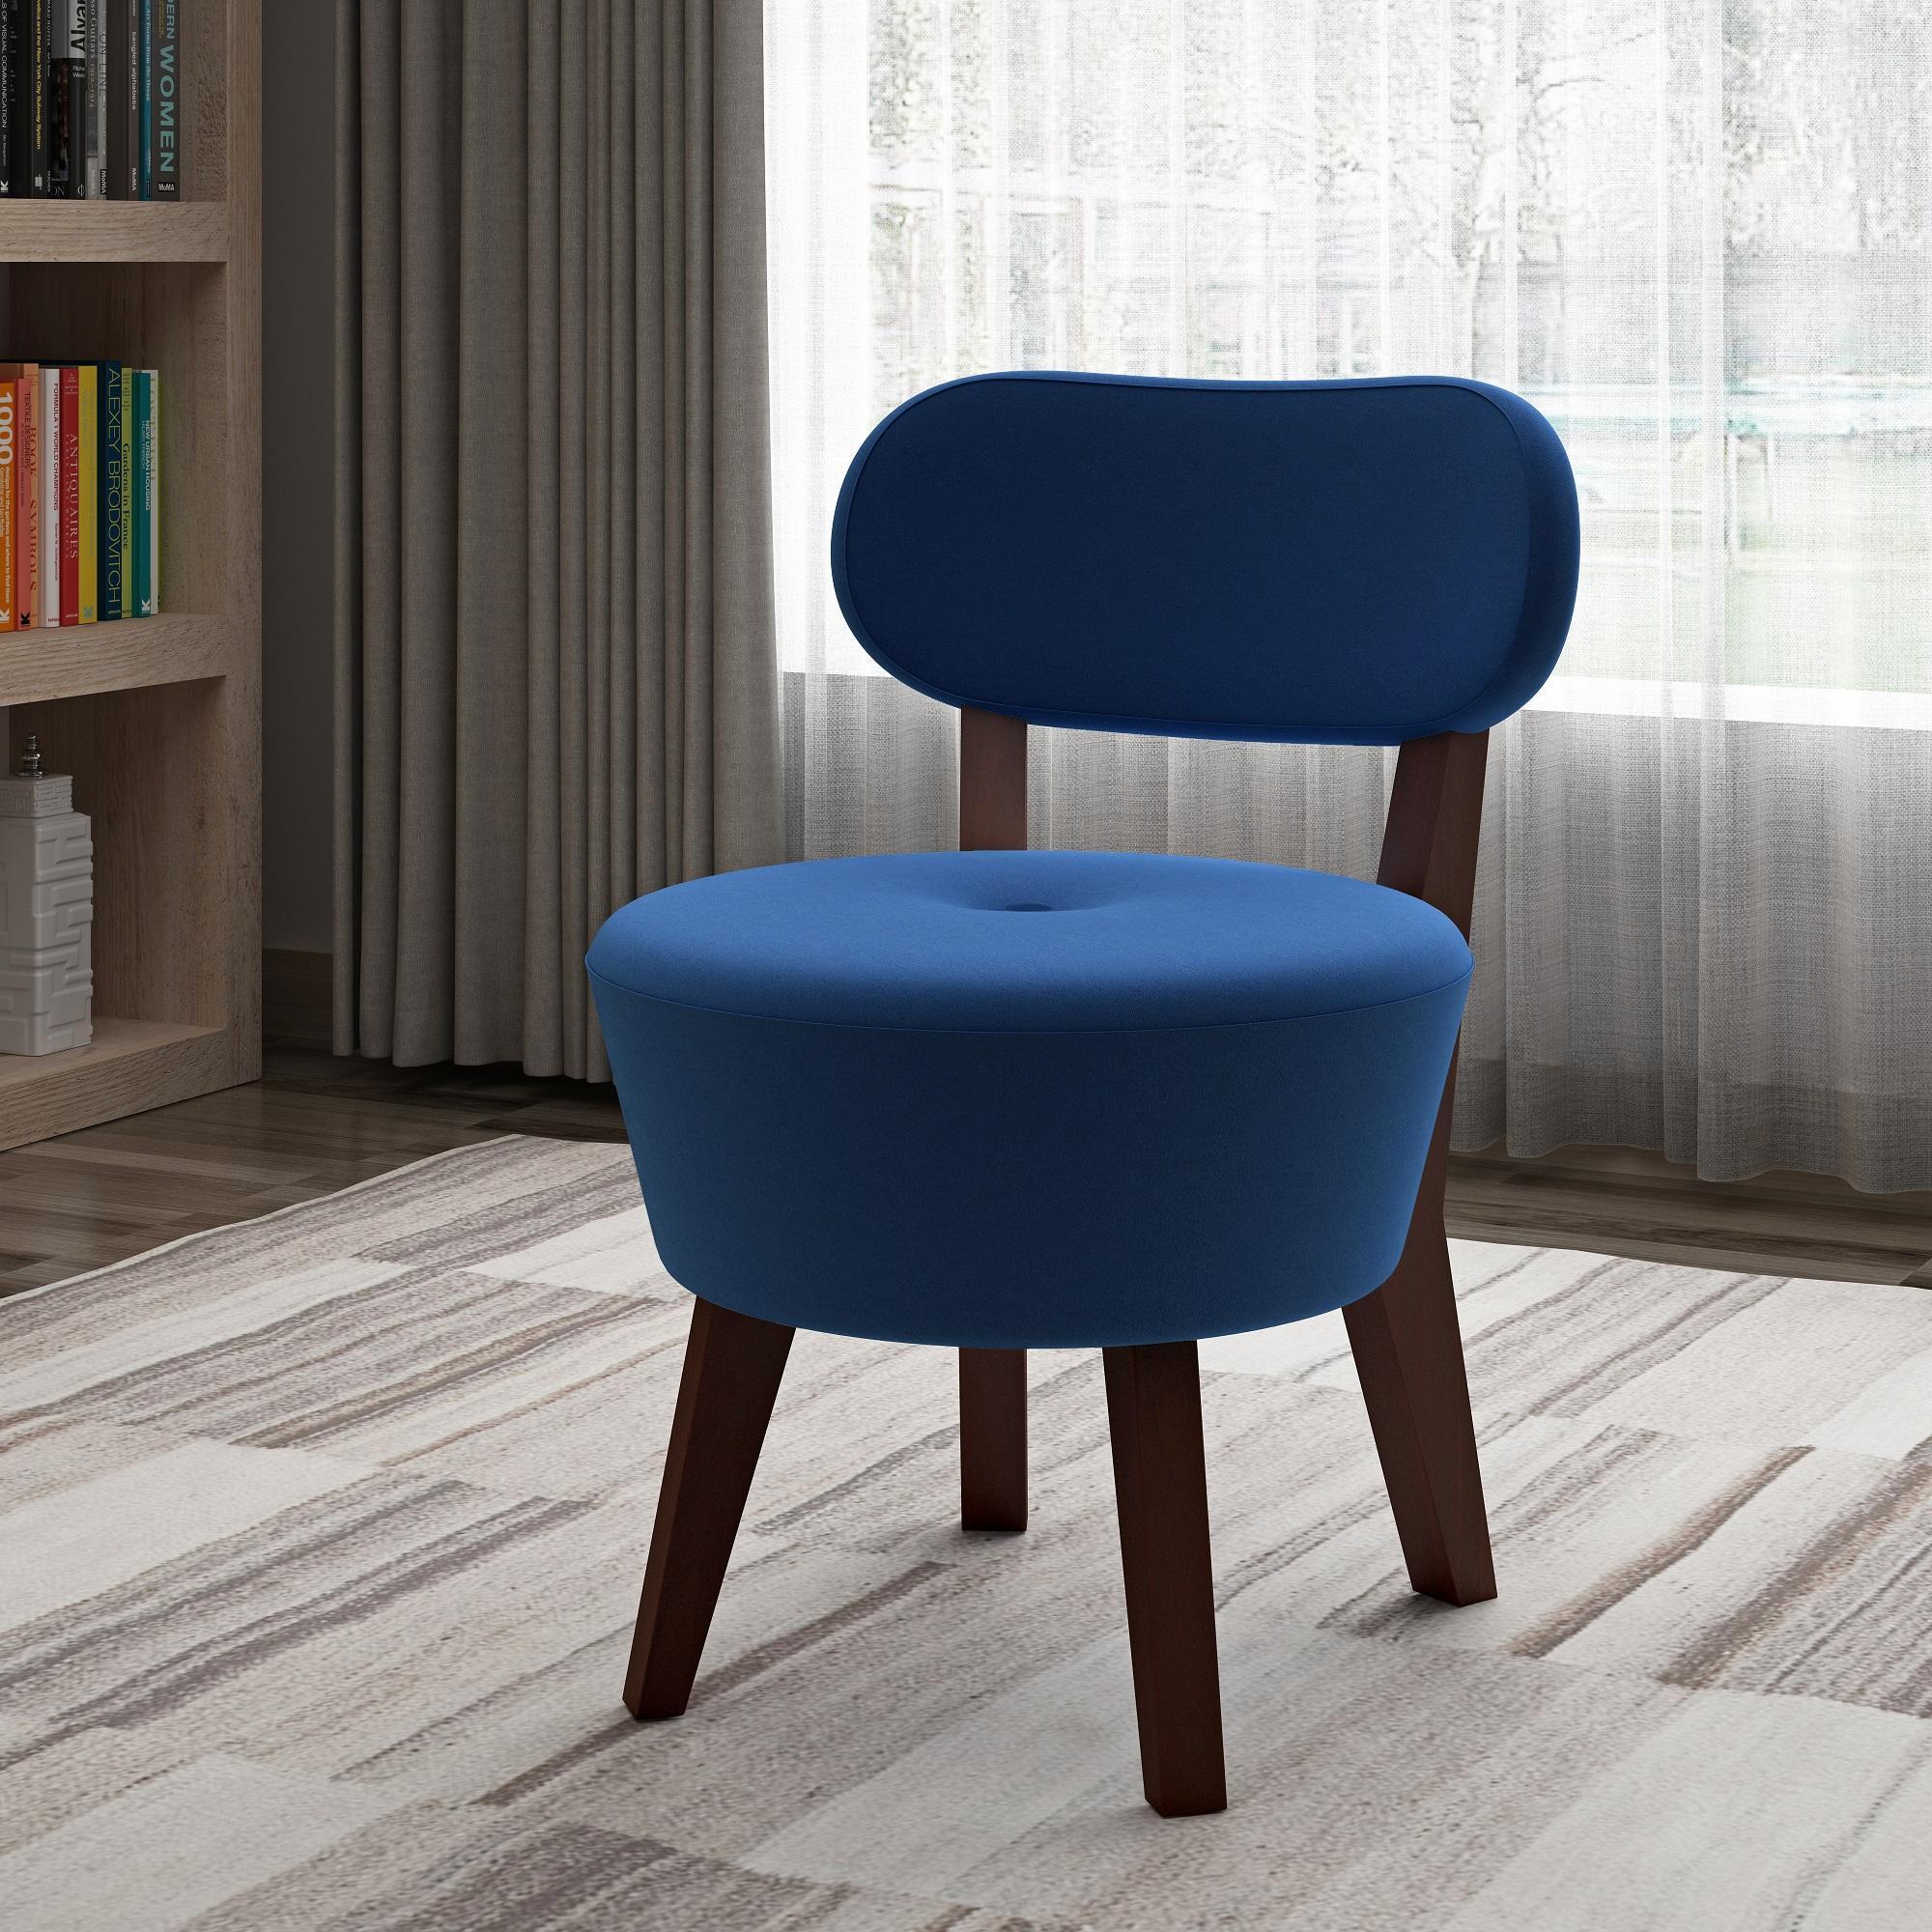 rp 51 mega furniture imports ltd. Black Bedroom Furniture Sets. Home Design Ideas